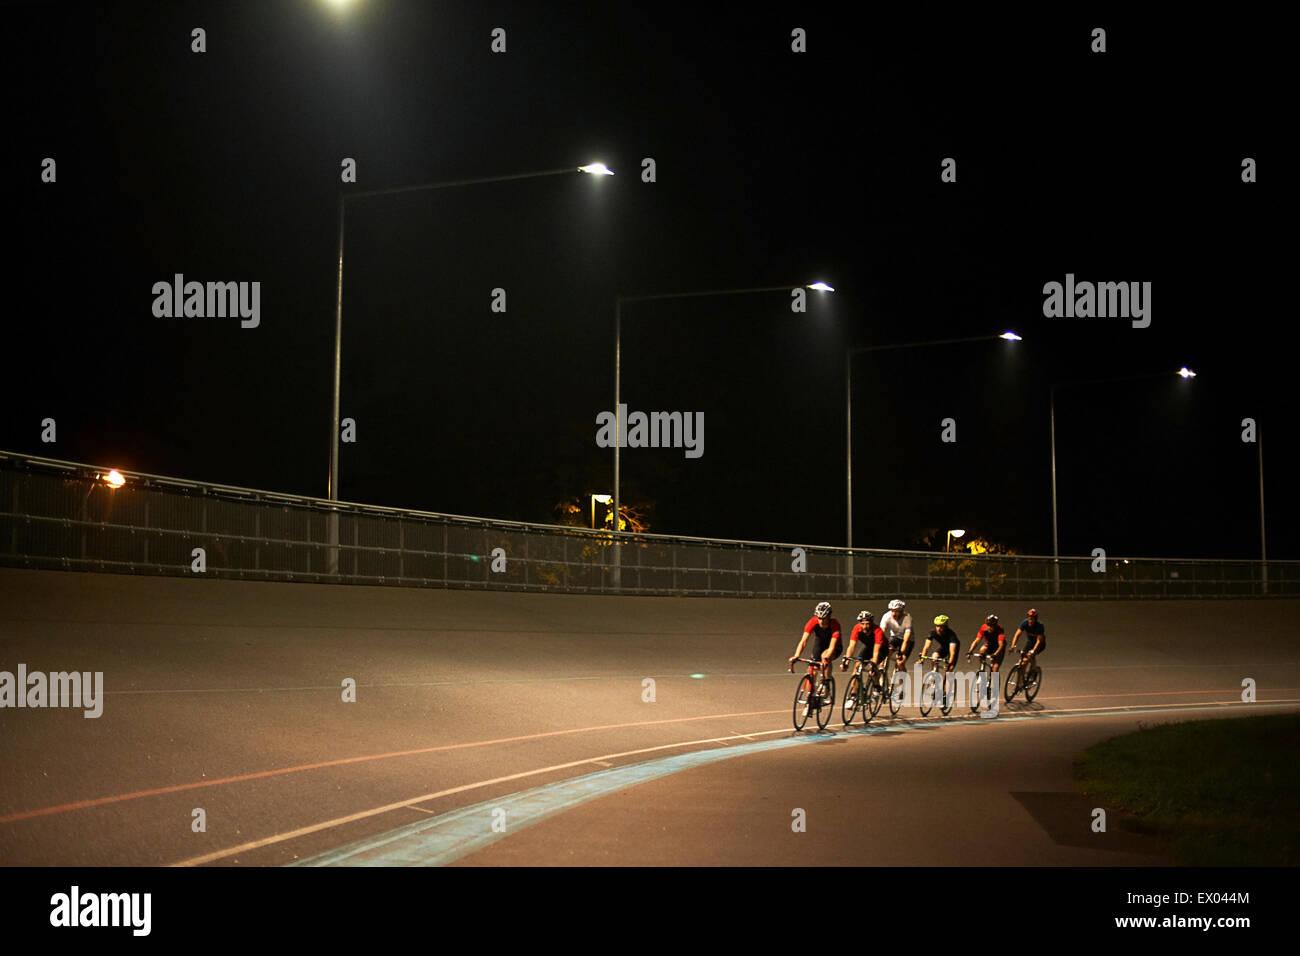 Les cyclistes du vélo sur la voie au vélodrome, à l'extérieur Photo Stock